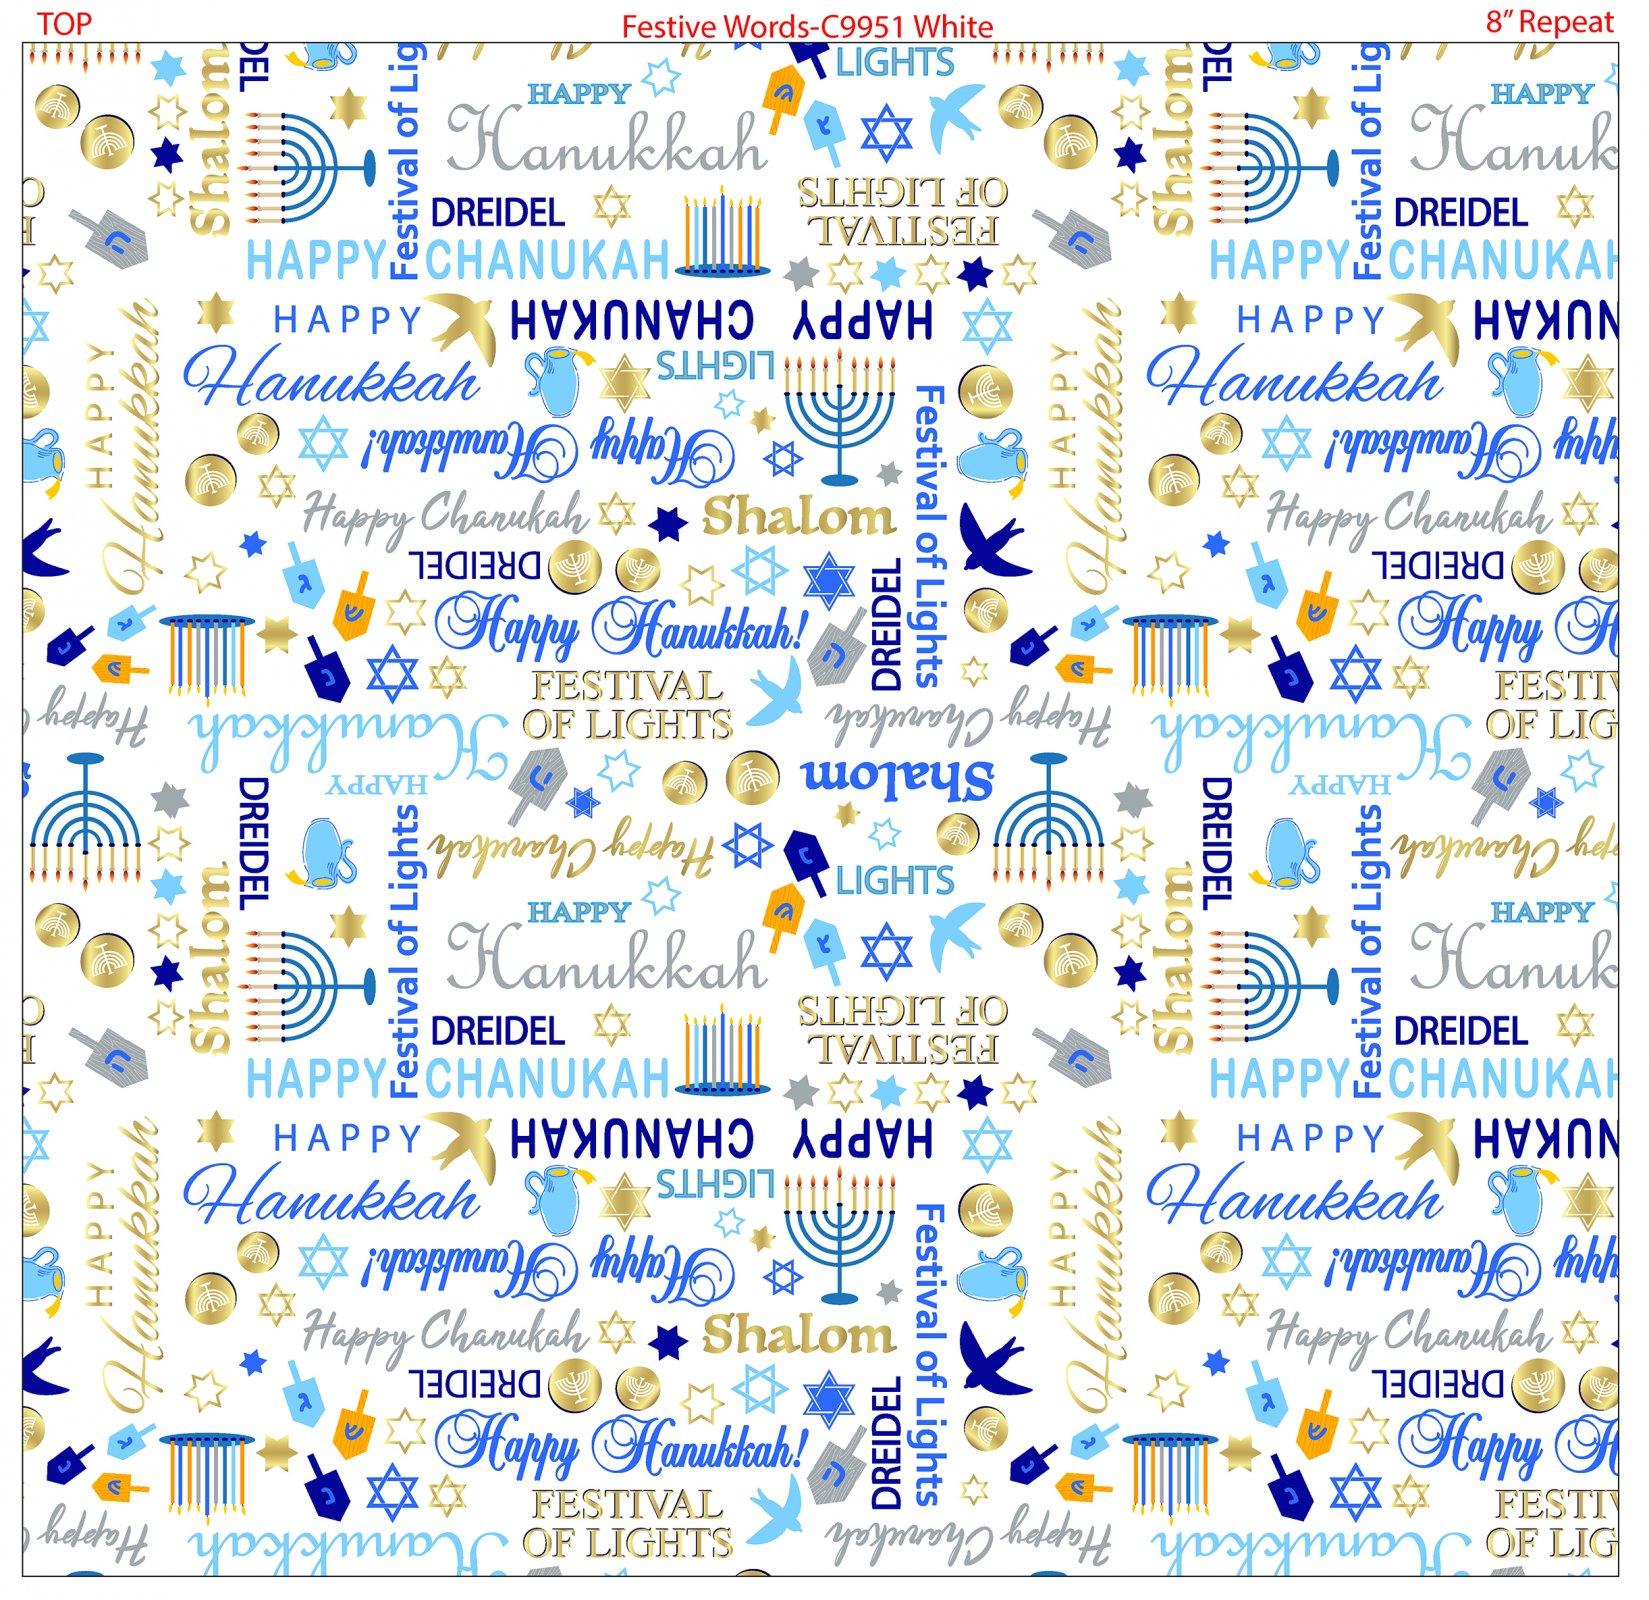 Festive Words 9951-09 White